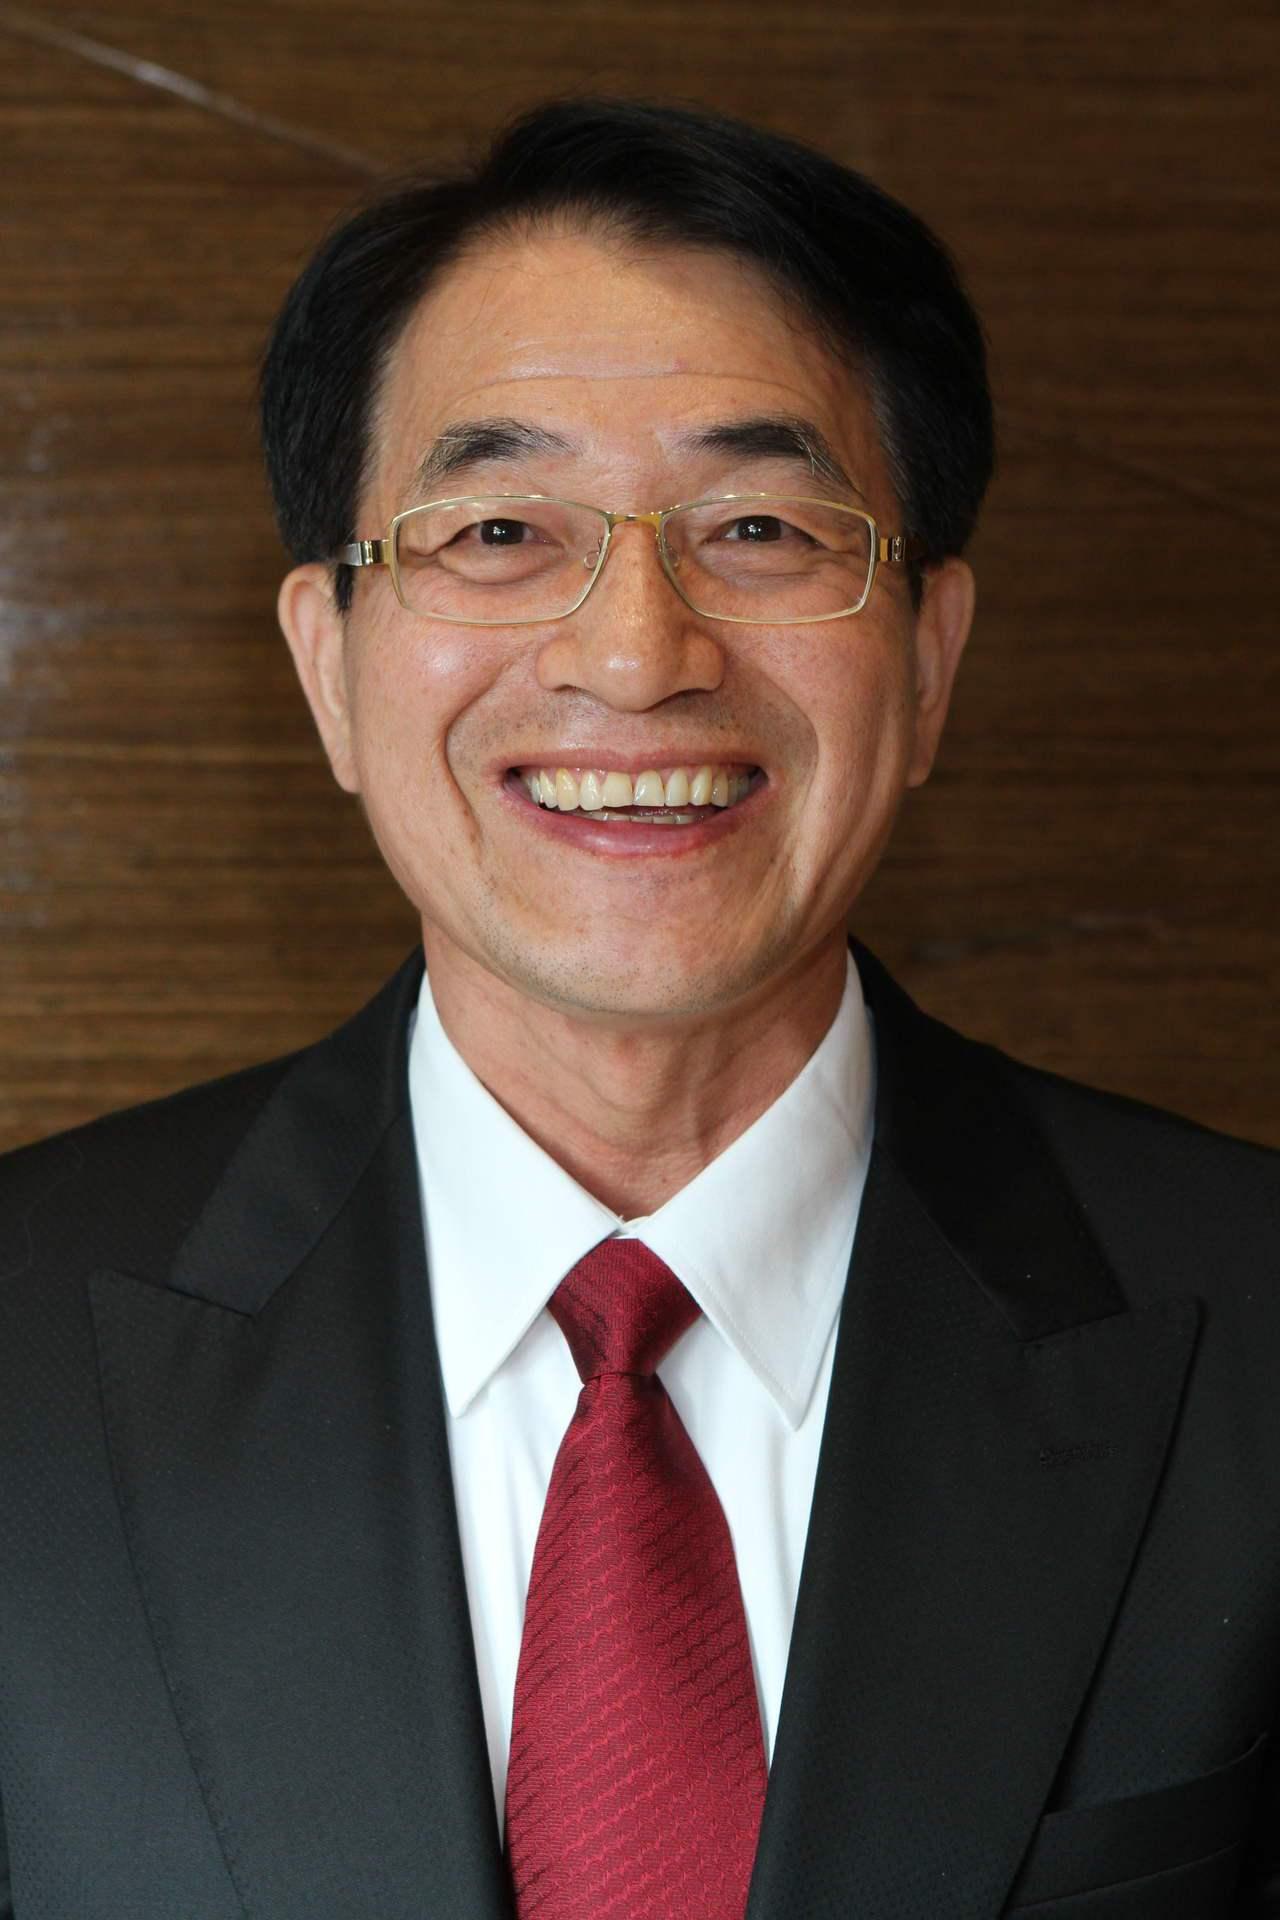 高雄醫學大學醫學院院長田英俊。圖/財團法人瑞信兒童醫療基金會提供